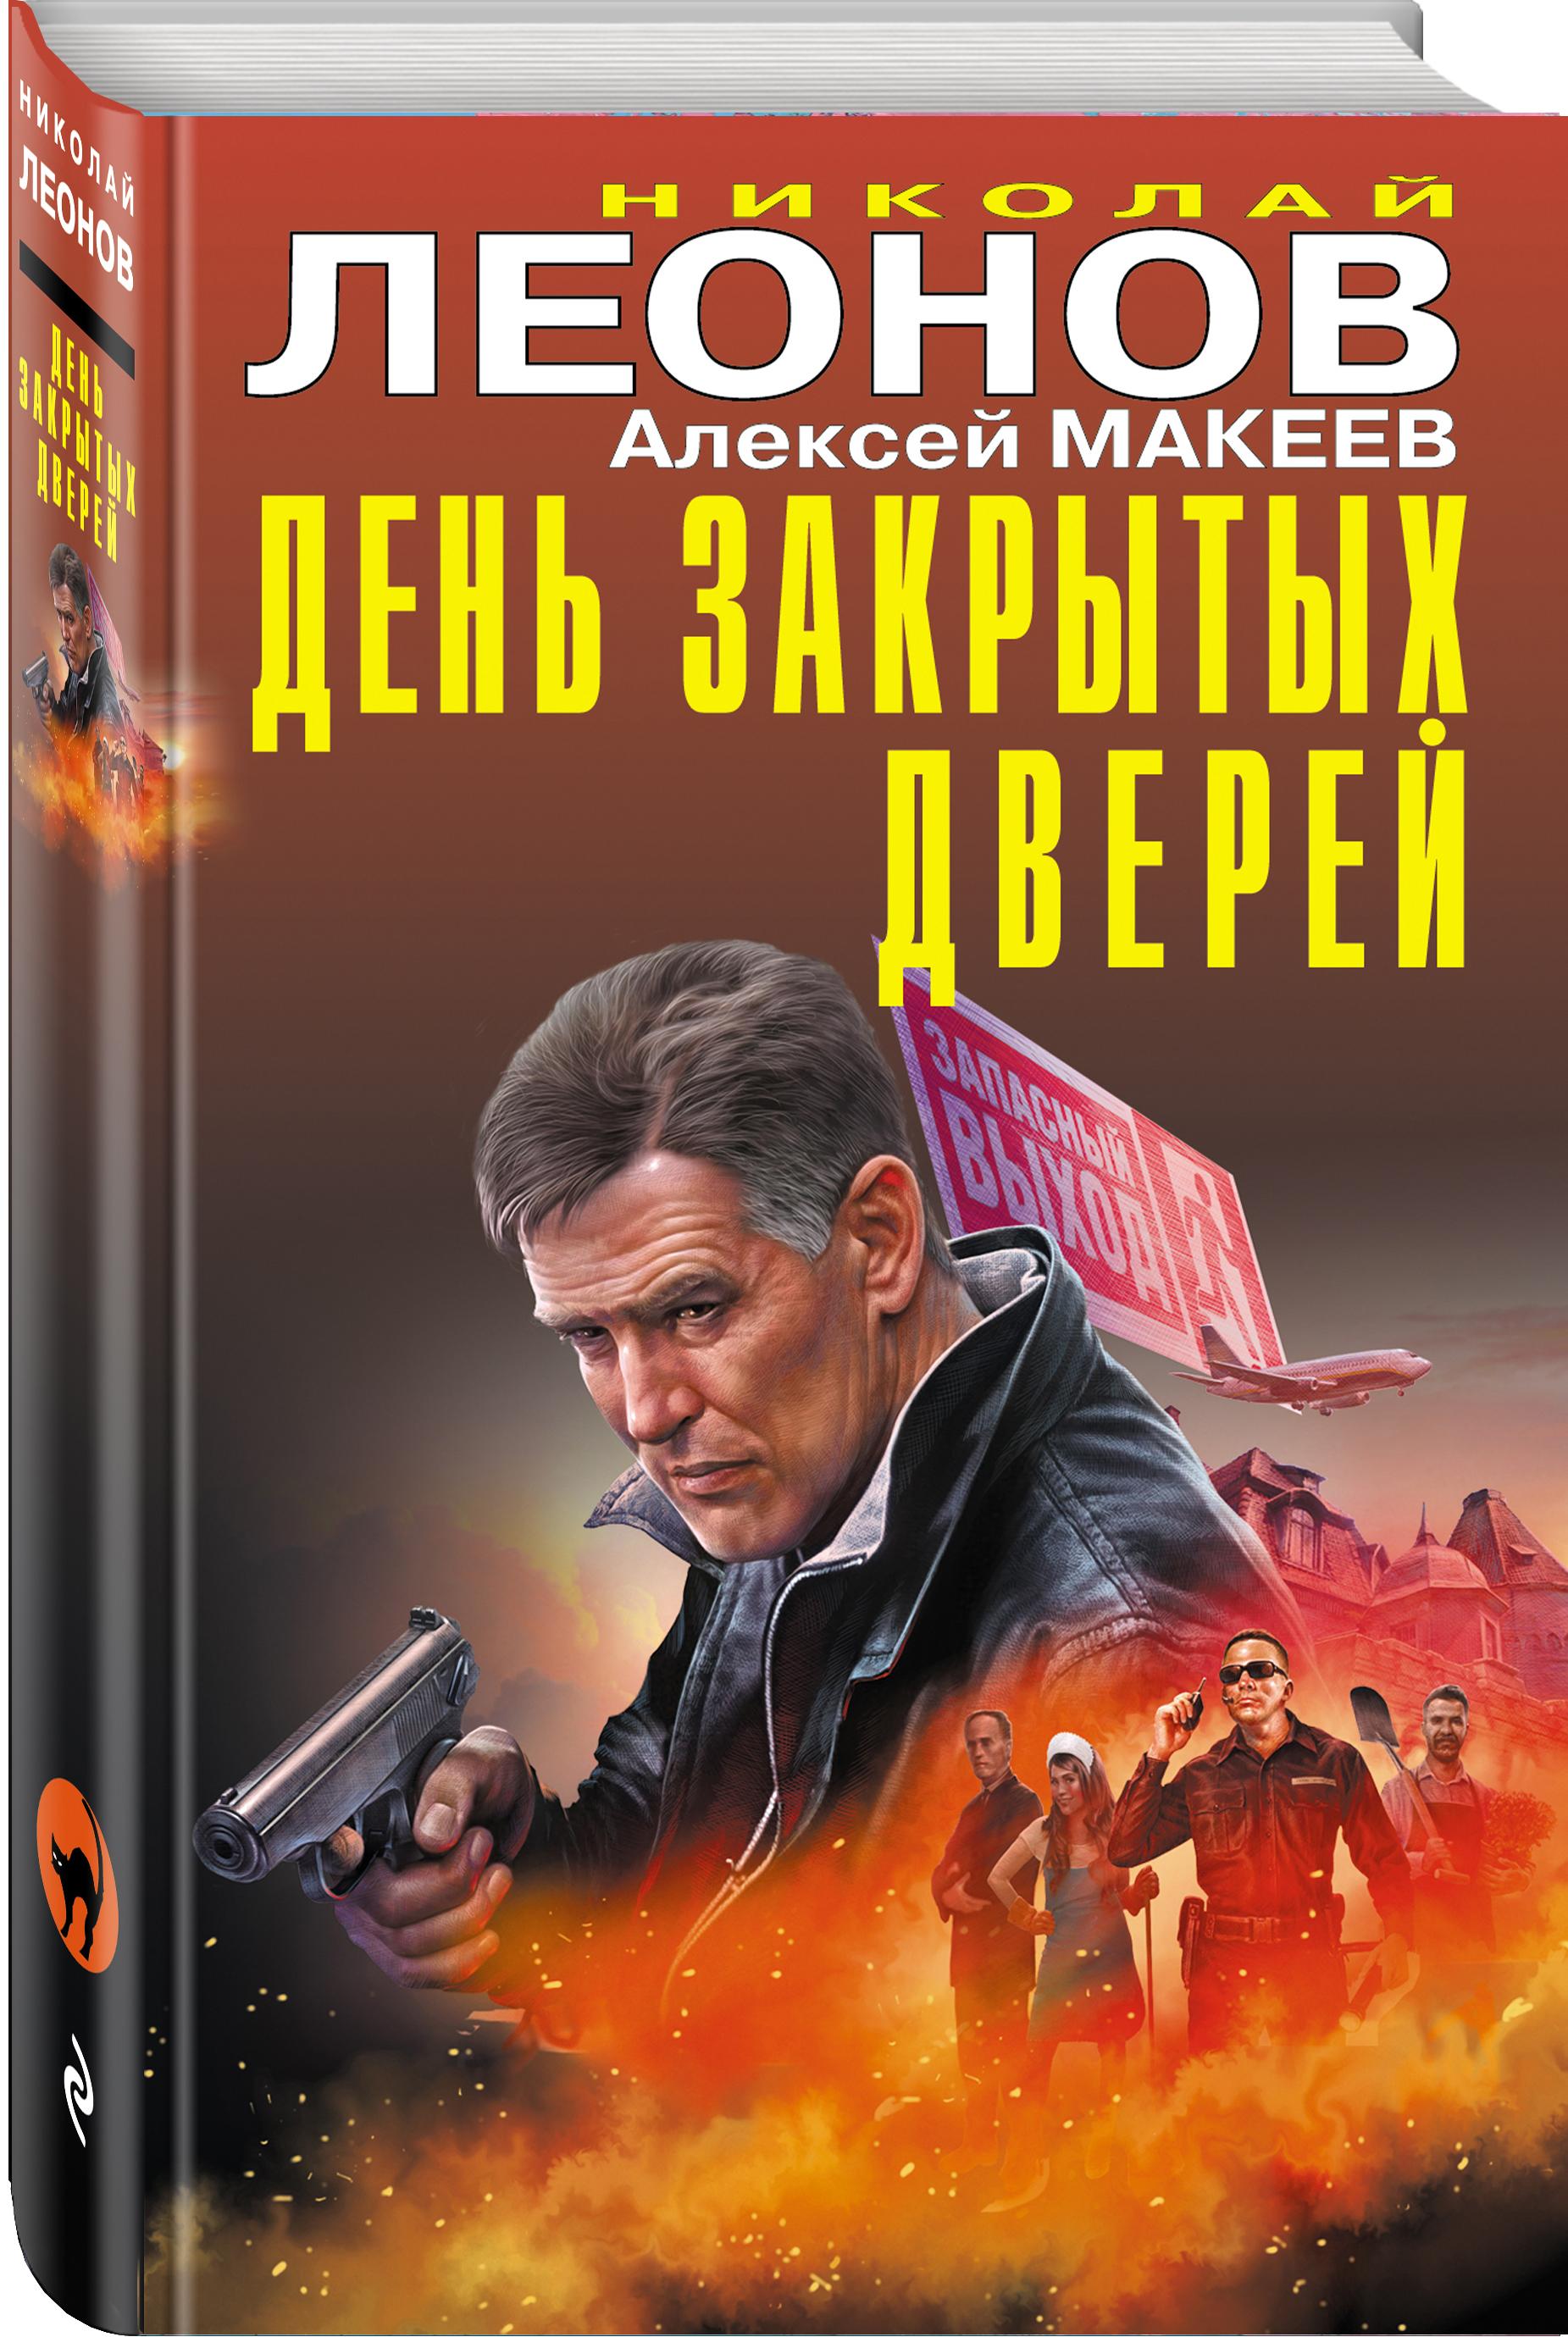 Николай Леонов, Алексей Макеев День закрытых дверей макеев алексей компьютер для дома и семьи